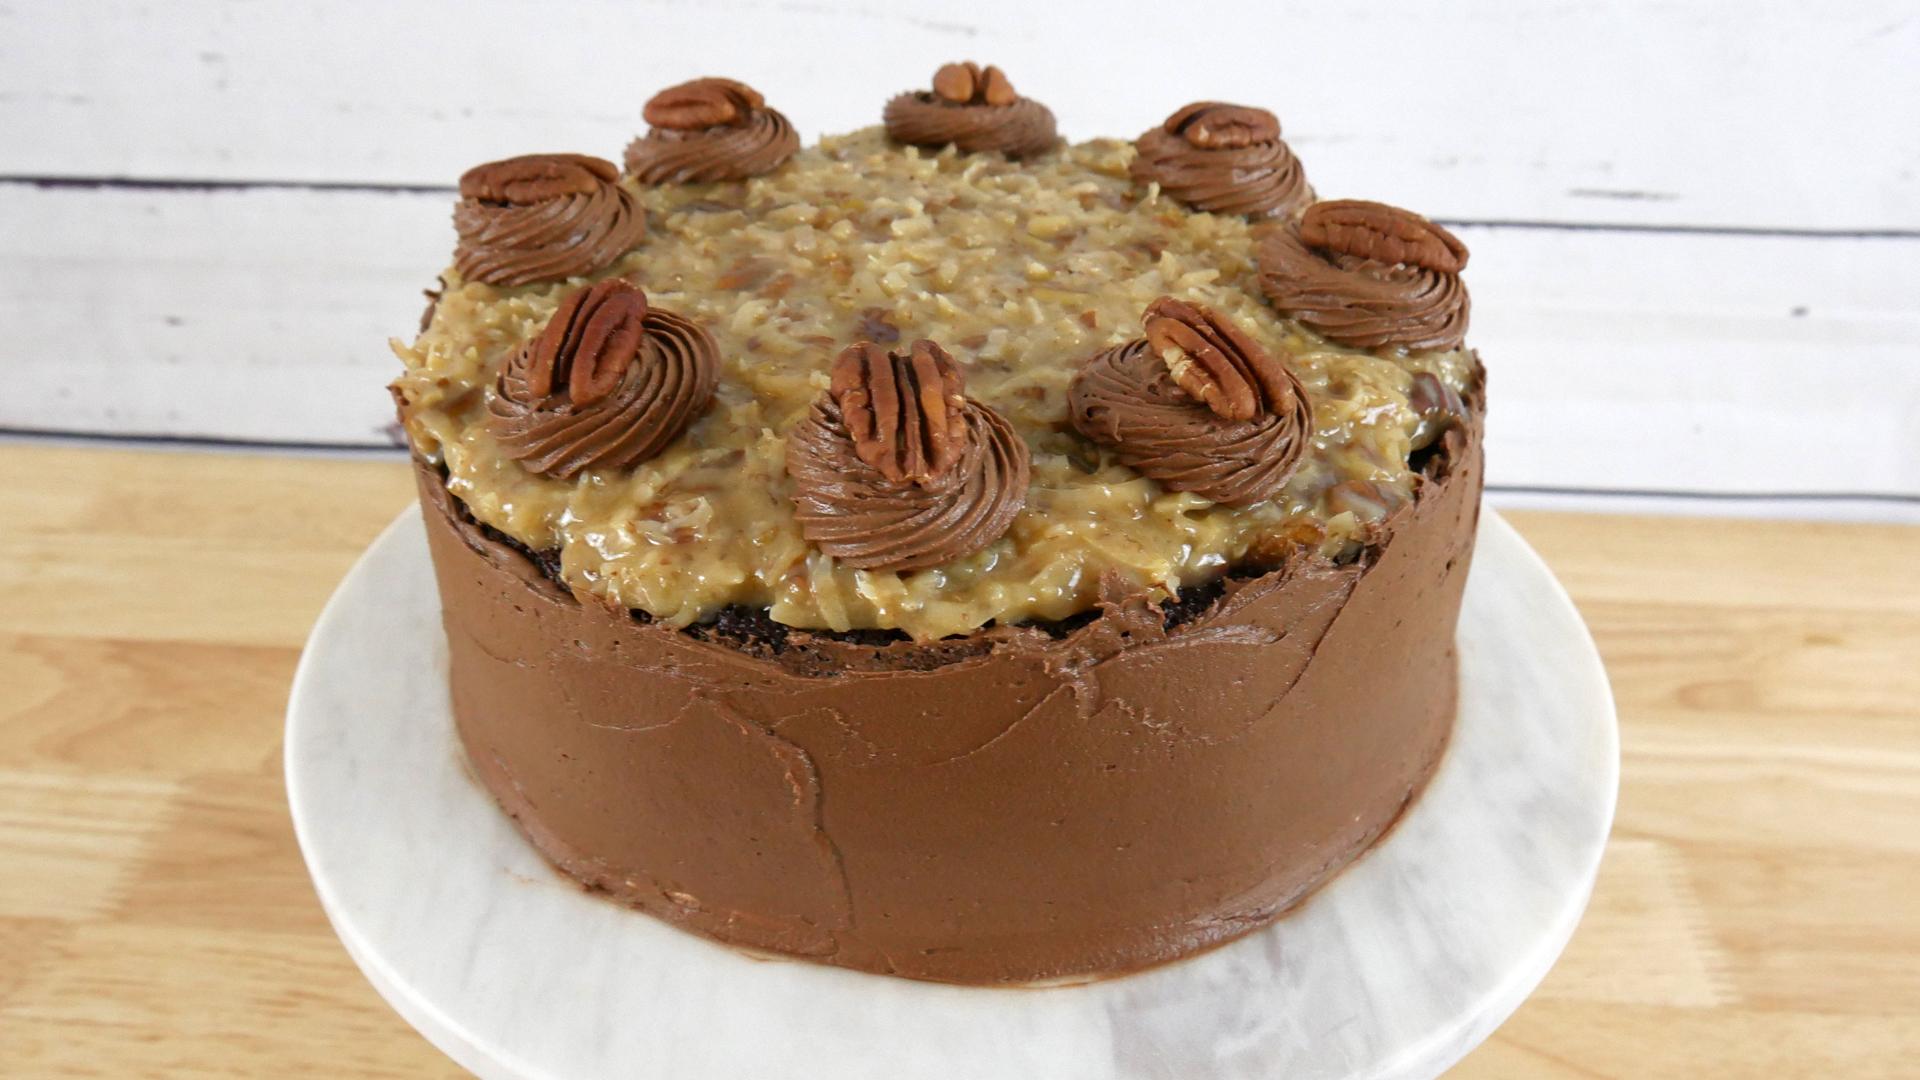 Bolo de Chocolate Alemão (German Chocolate Cake)